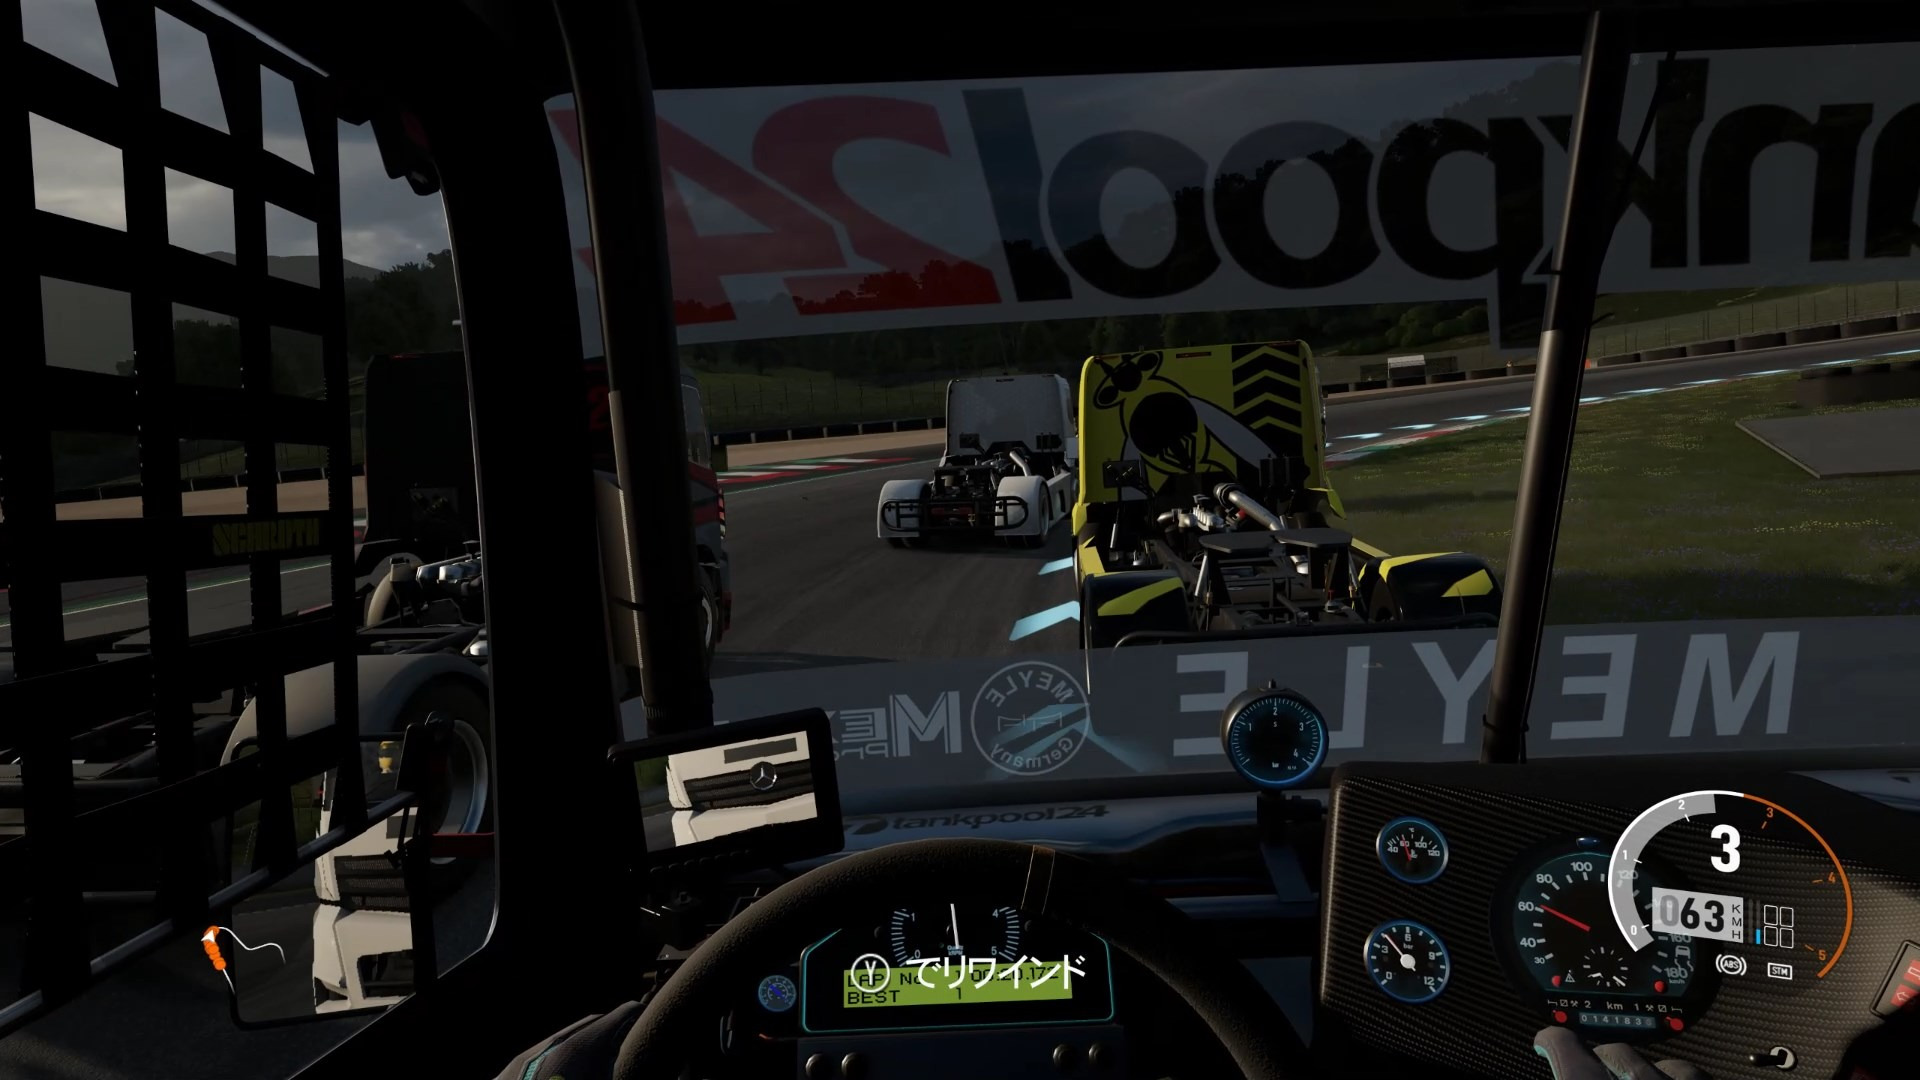 大型トラックでのレースもフィーチャーして、遊びの幅をアピール